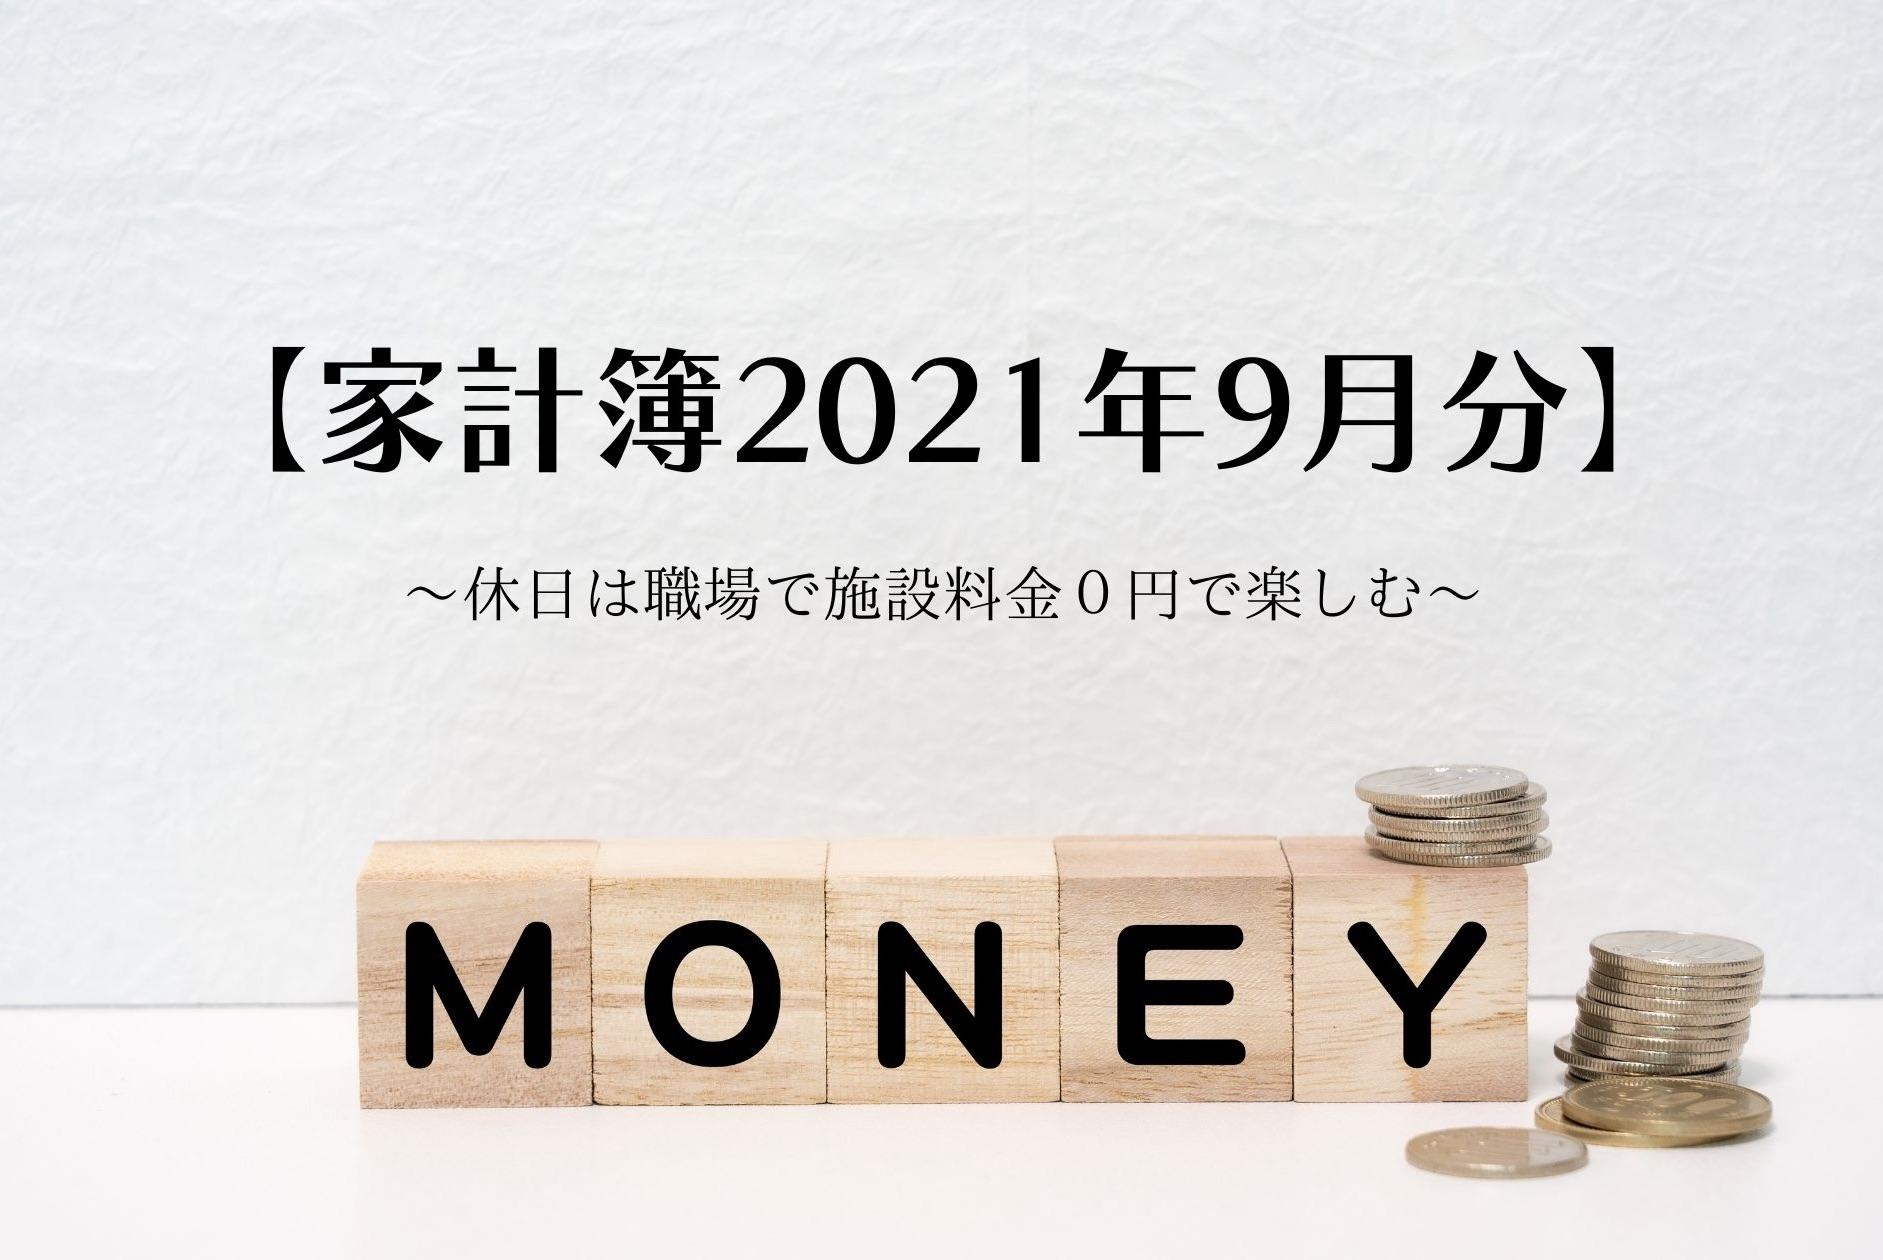 【家計簿2021年9月分】休日は職場で施設料金0円で楽しむ